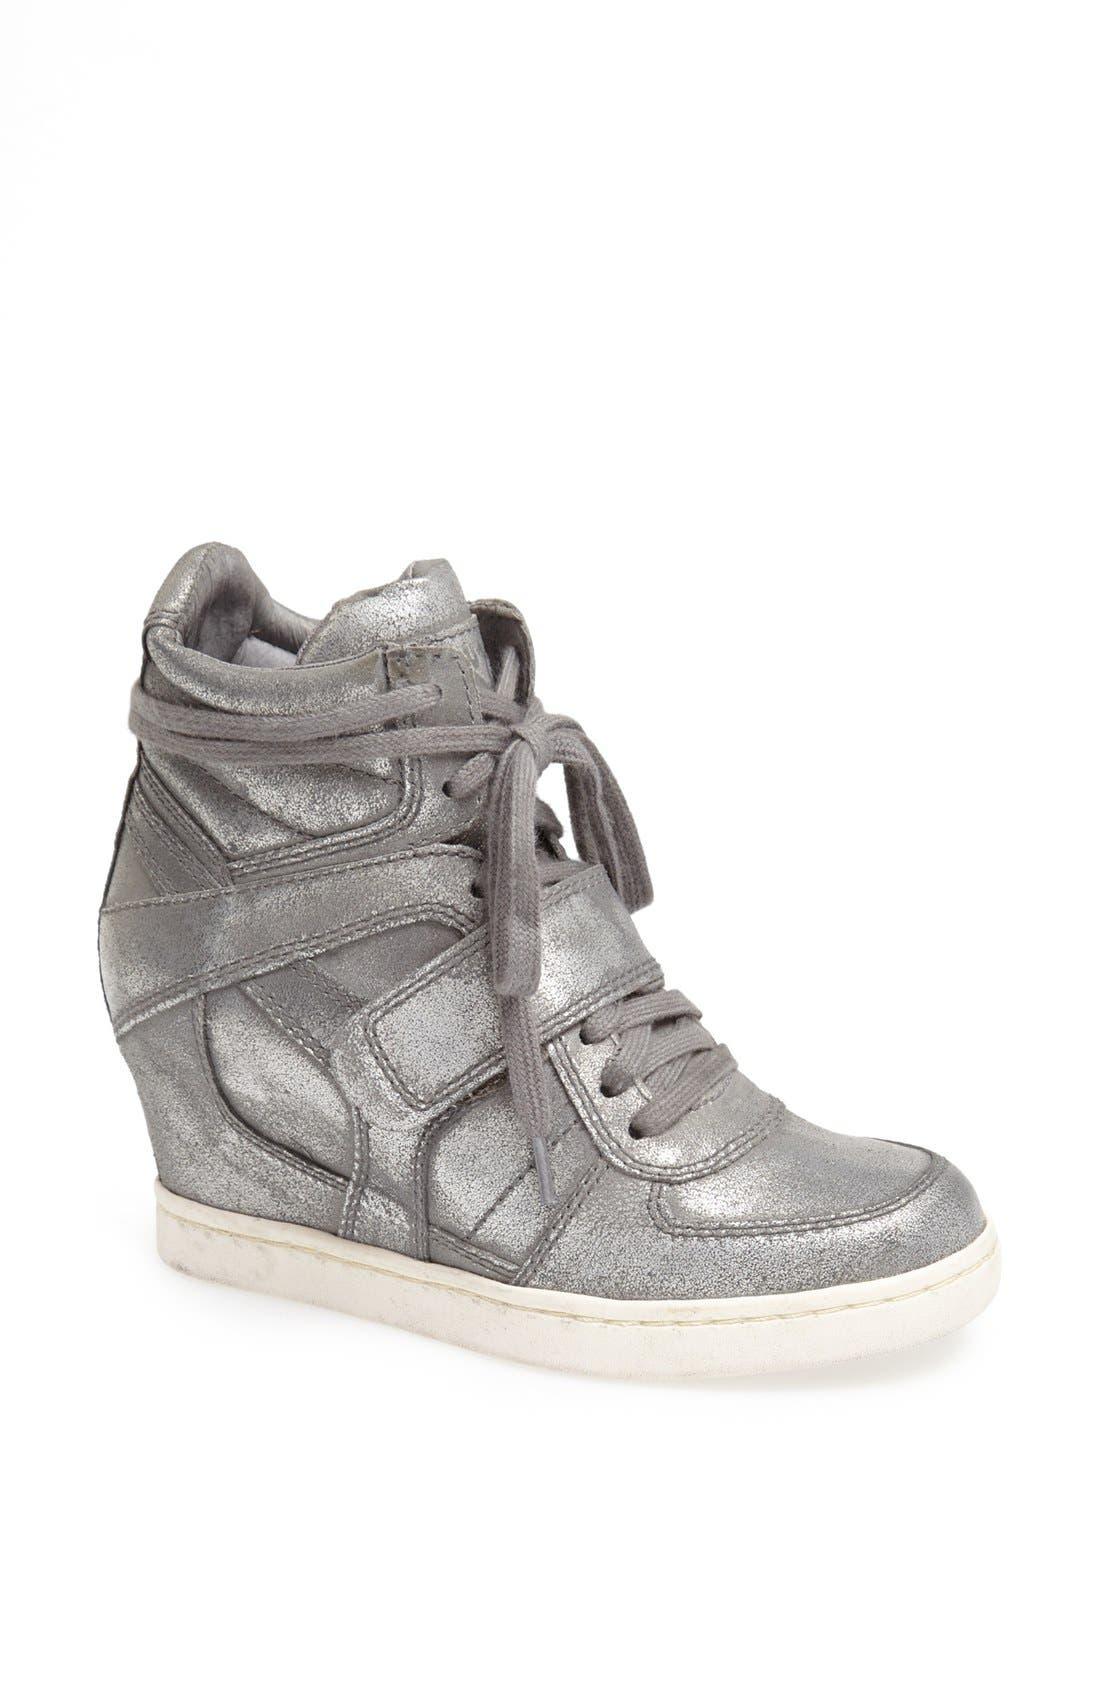 Main Image - Ash 'Cool Ter' Sneaker